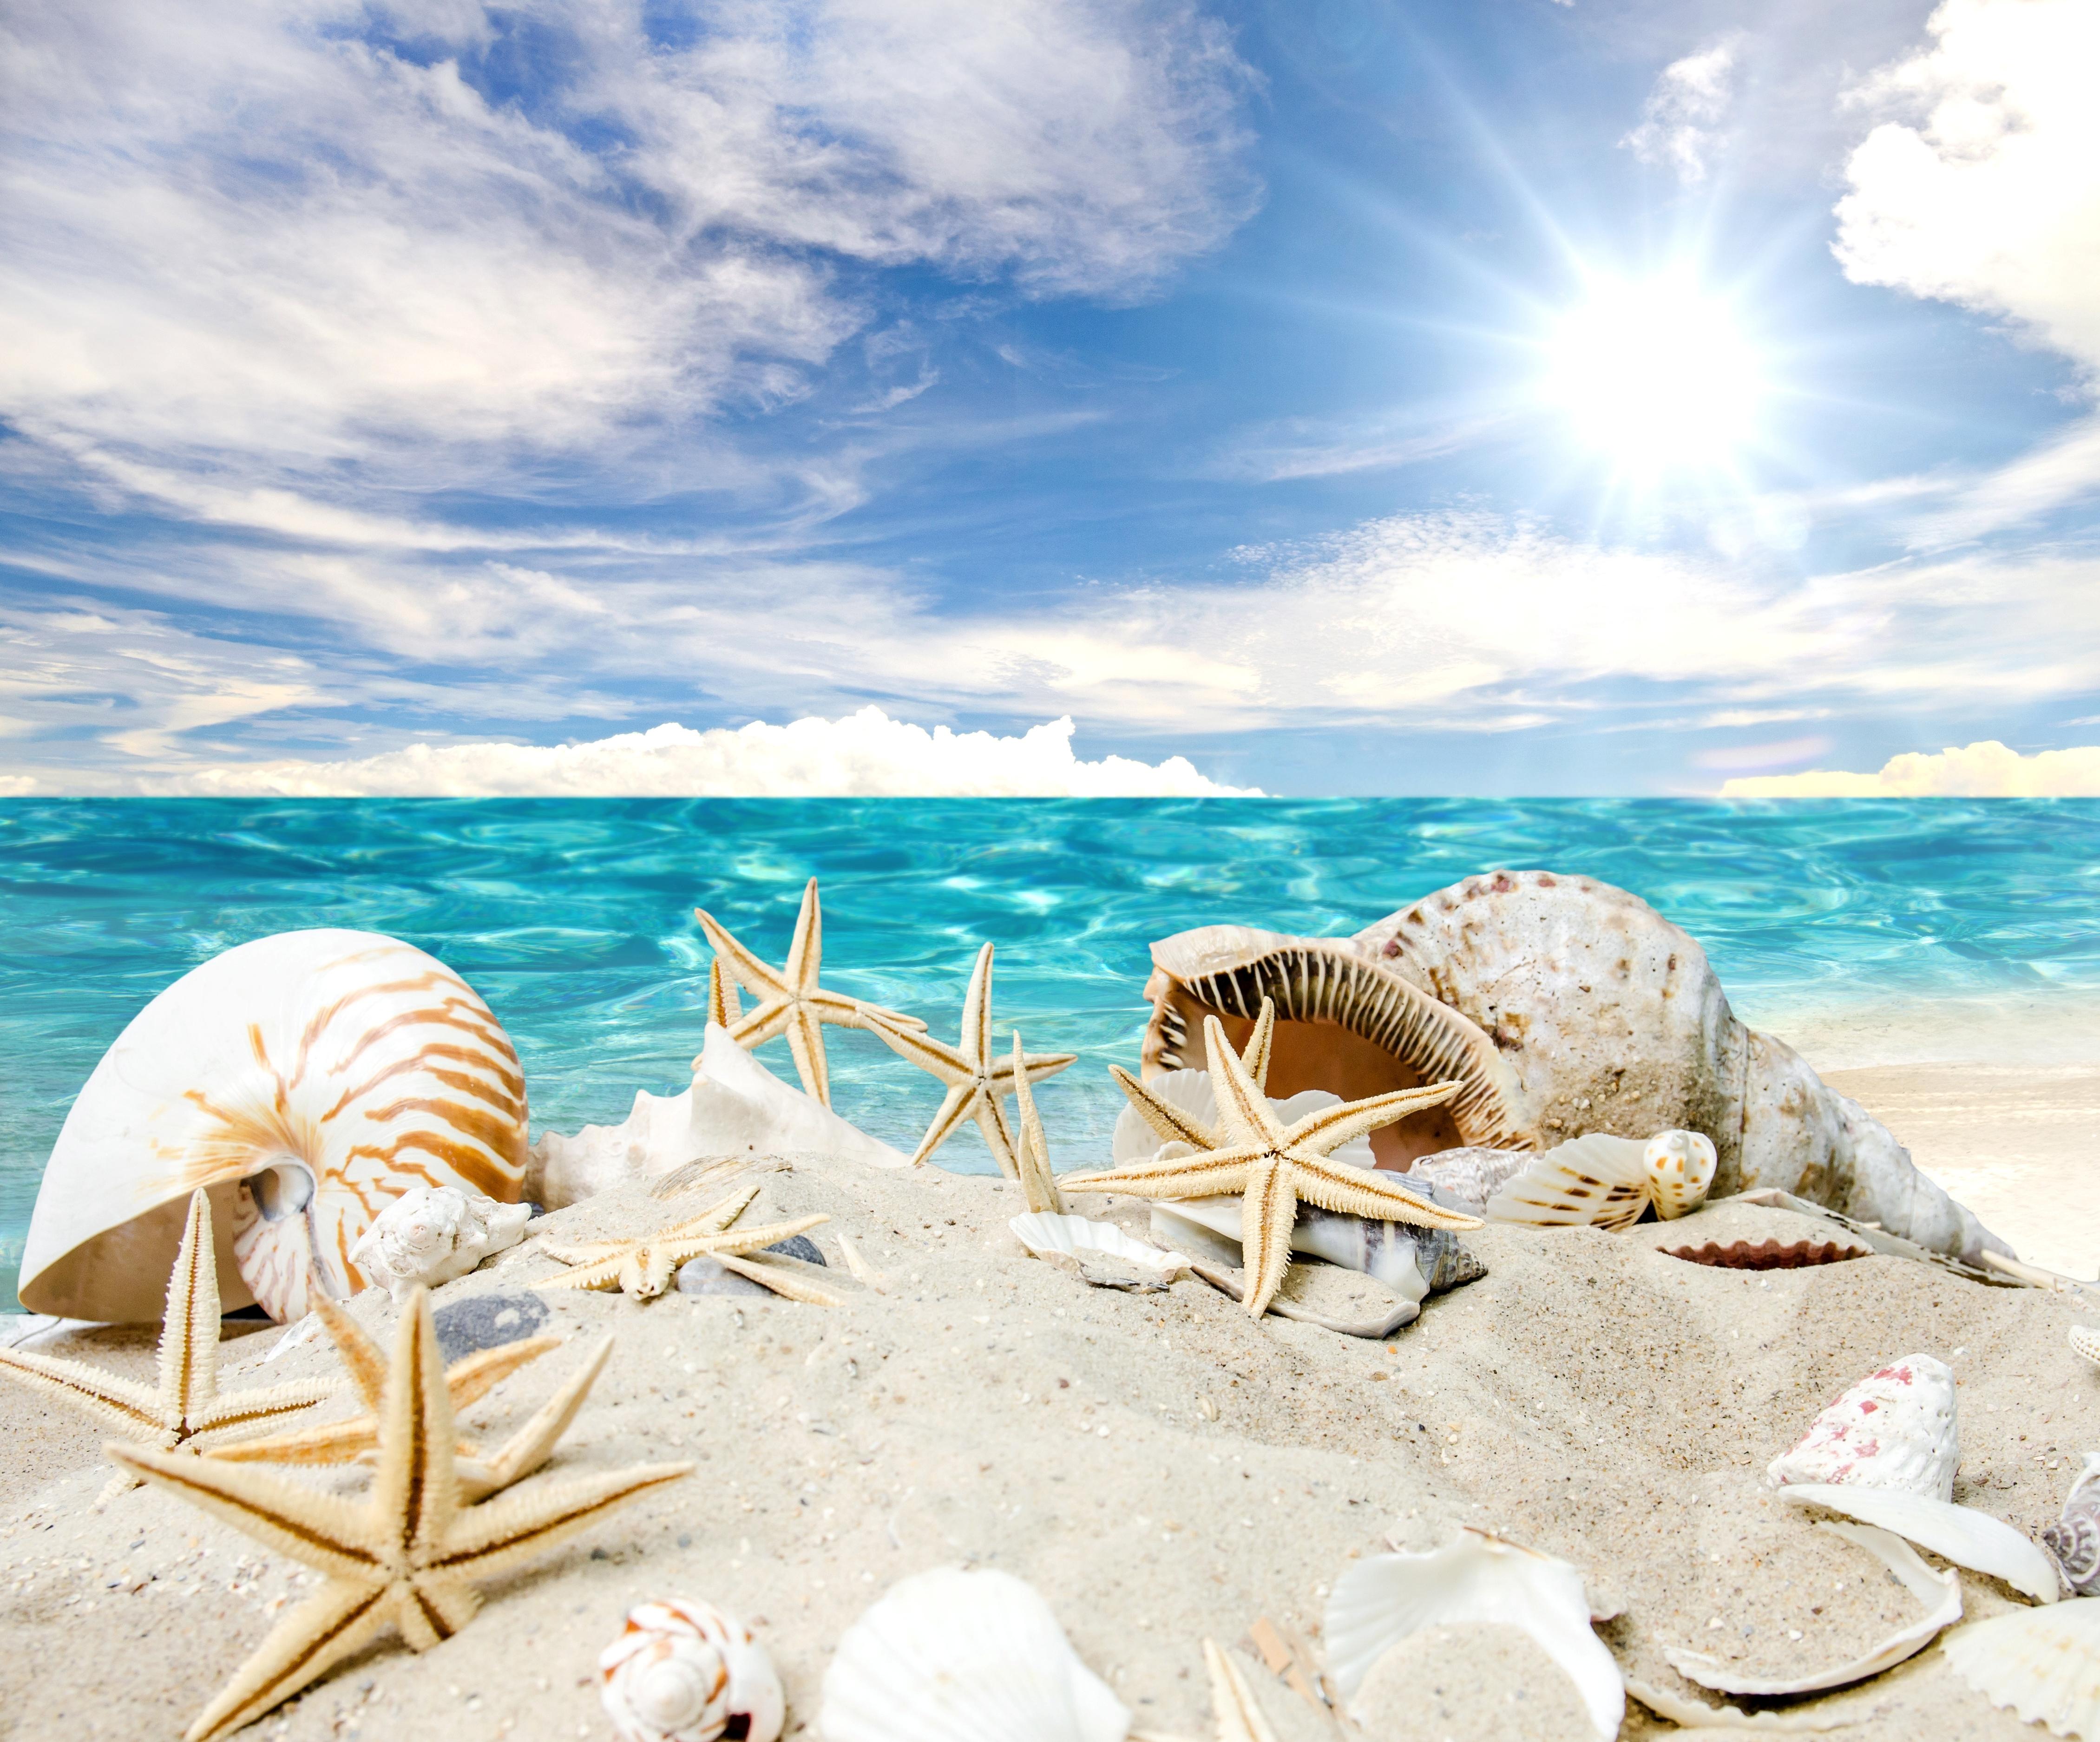 открытки море солнце пляж кипр беременность ранних сроках